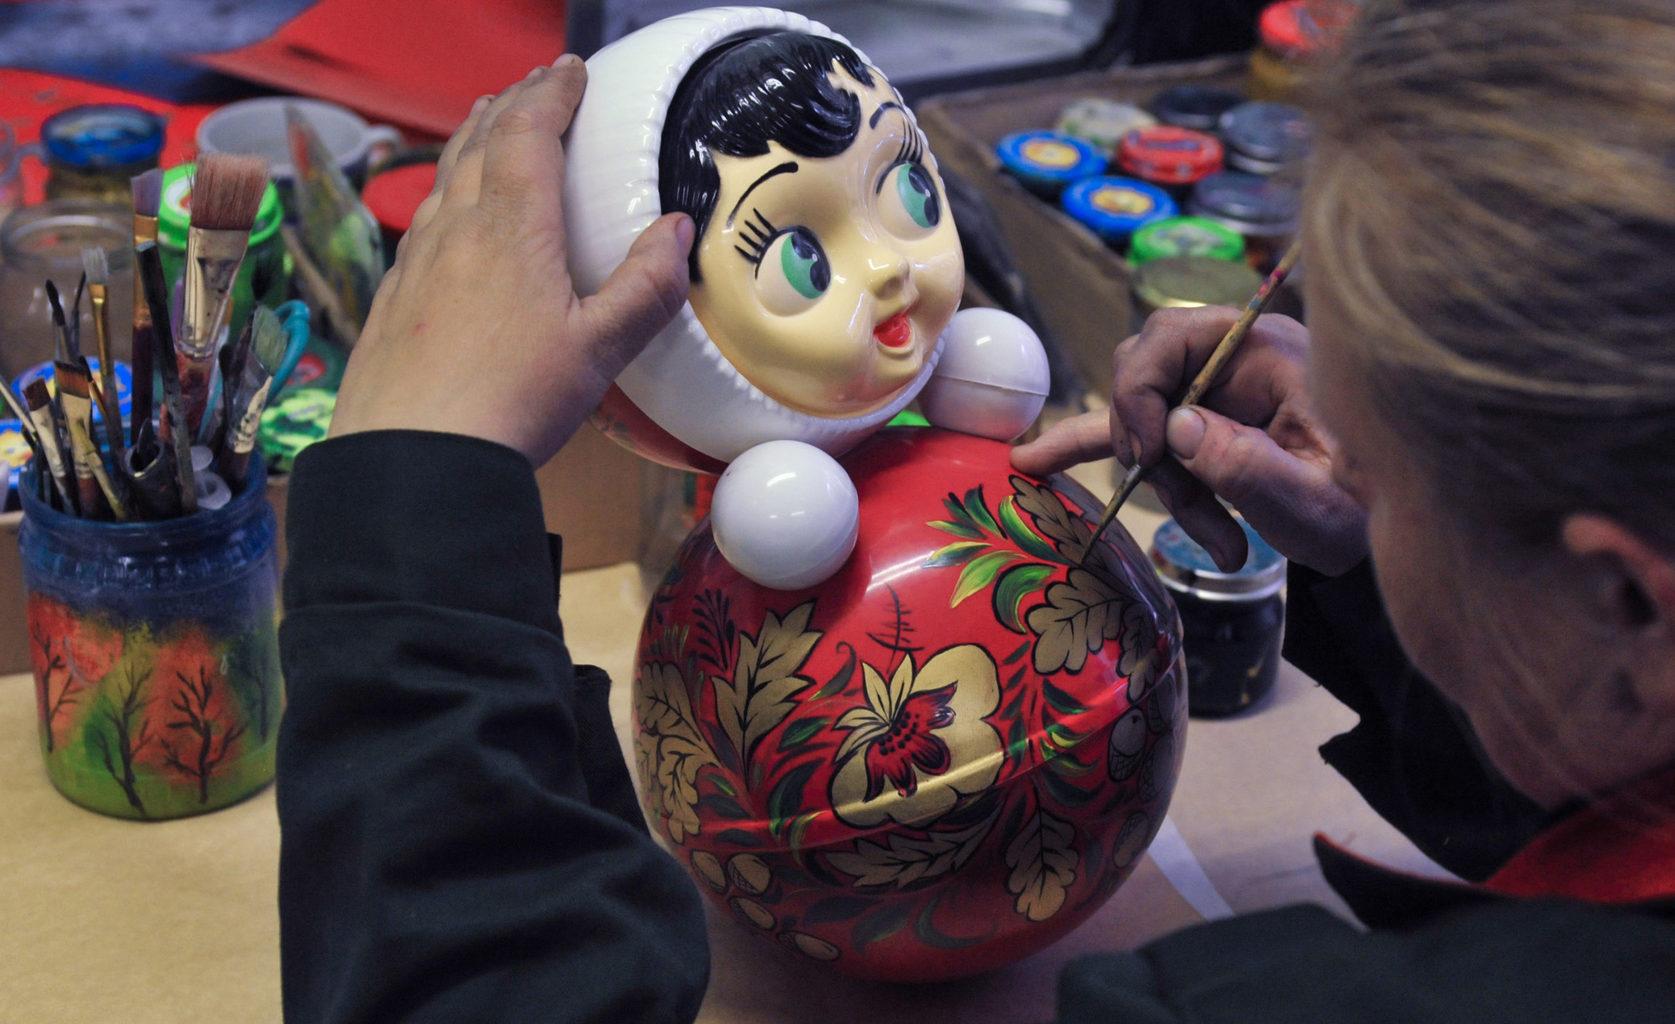 Játékbabát fest kézzel egy kisvállalkozás dolgozója Kotovszkban #moszkvater